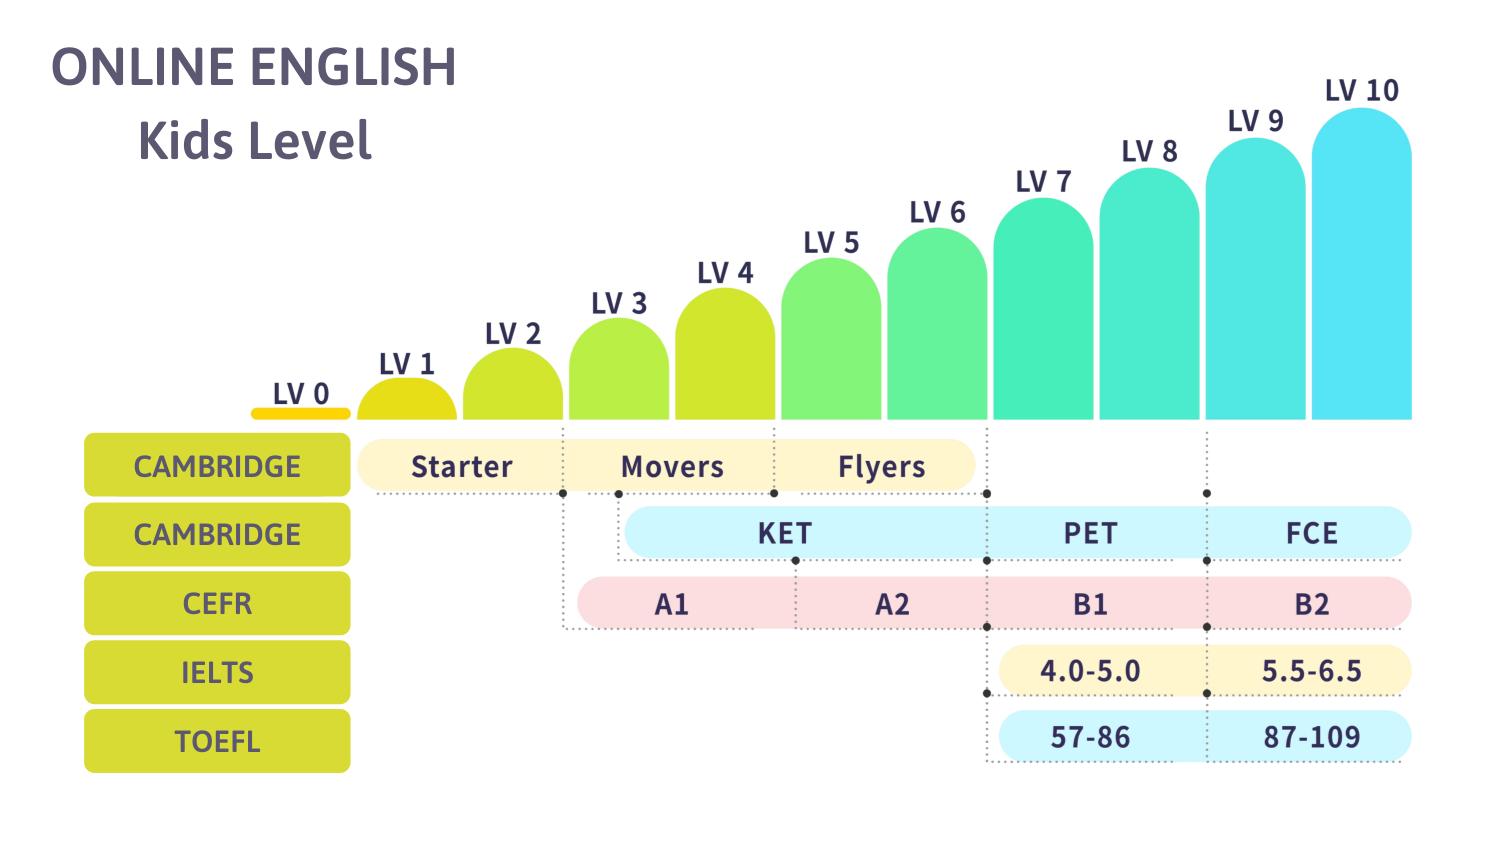 Khung trình độ tiếng Anh online cho trẻ em